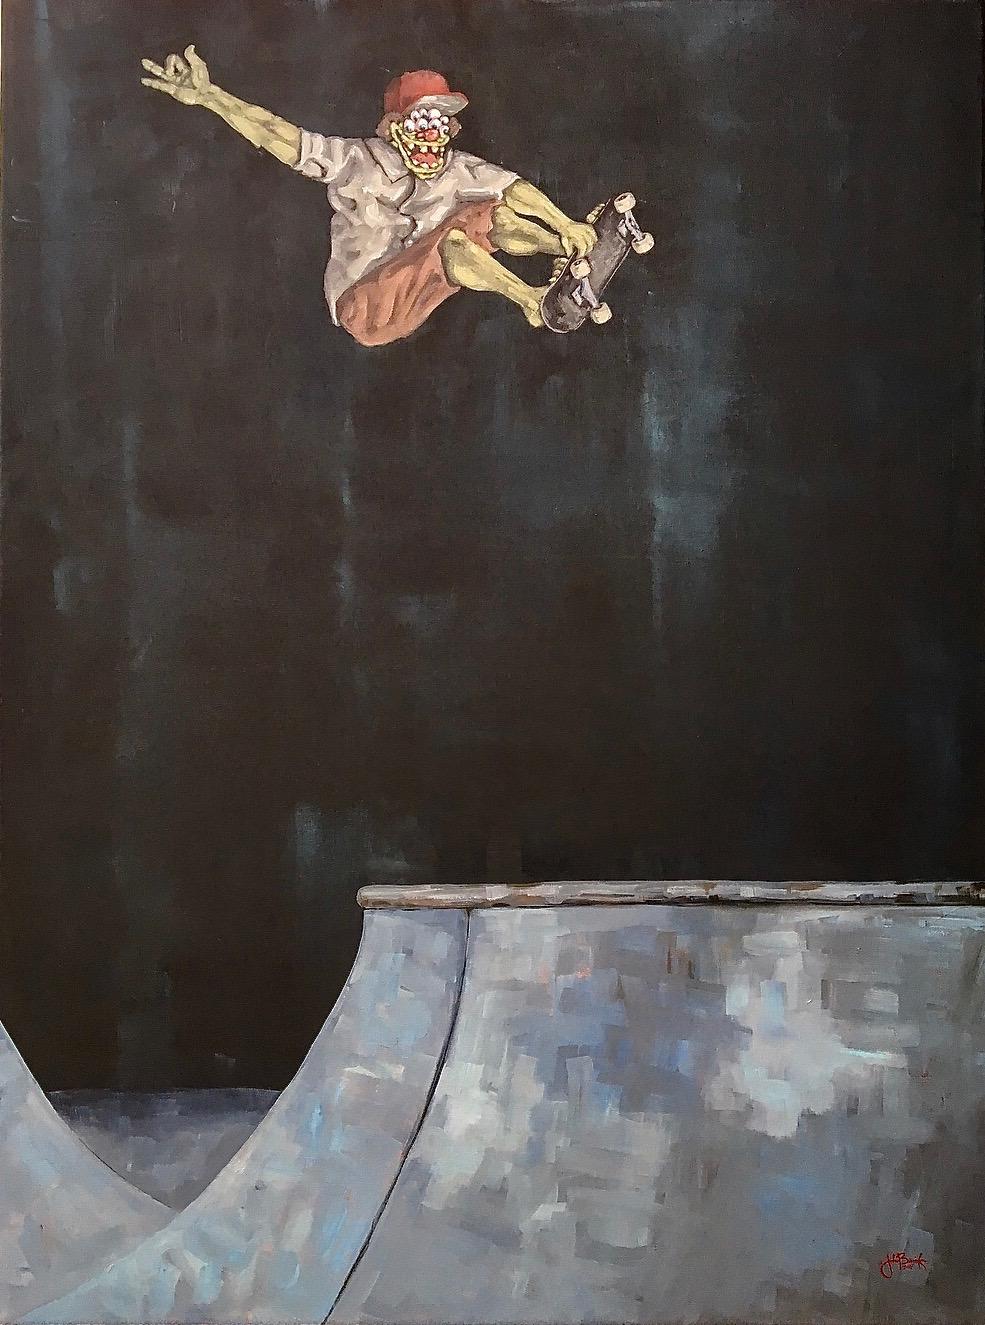 john-barrick-monster-skateboard-painting.jpg